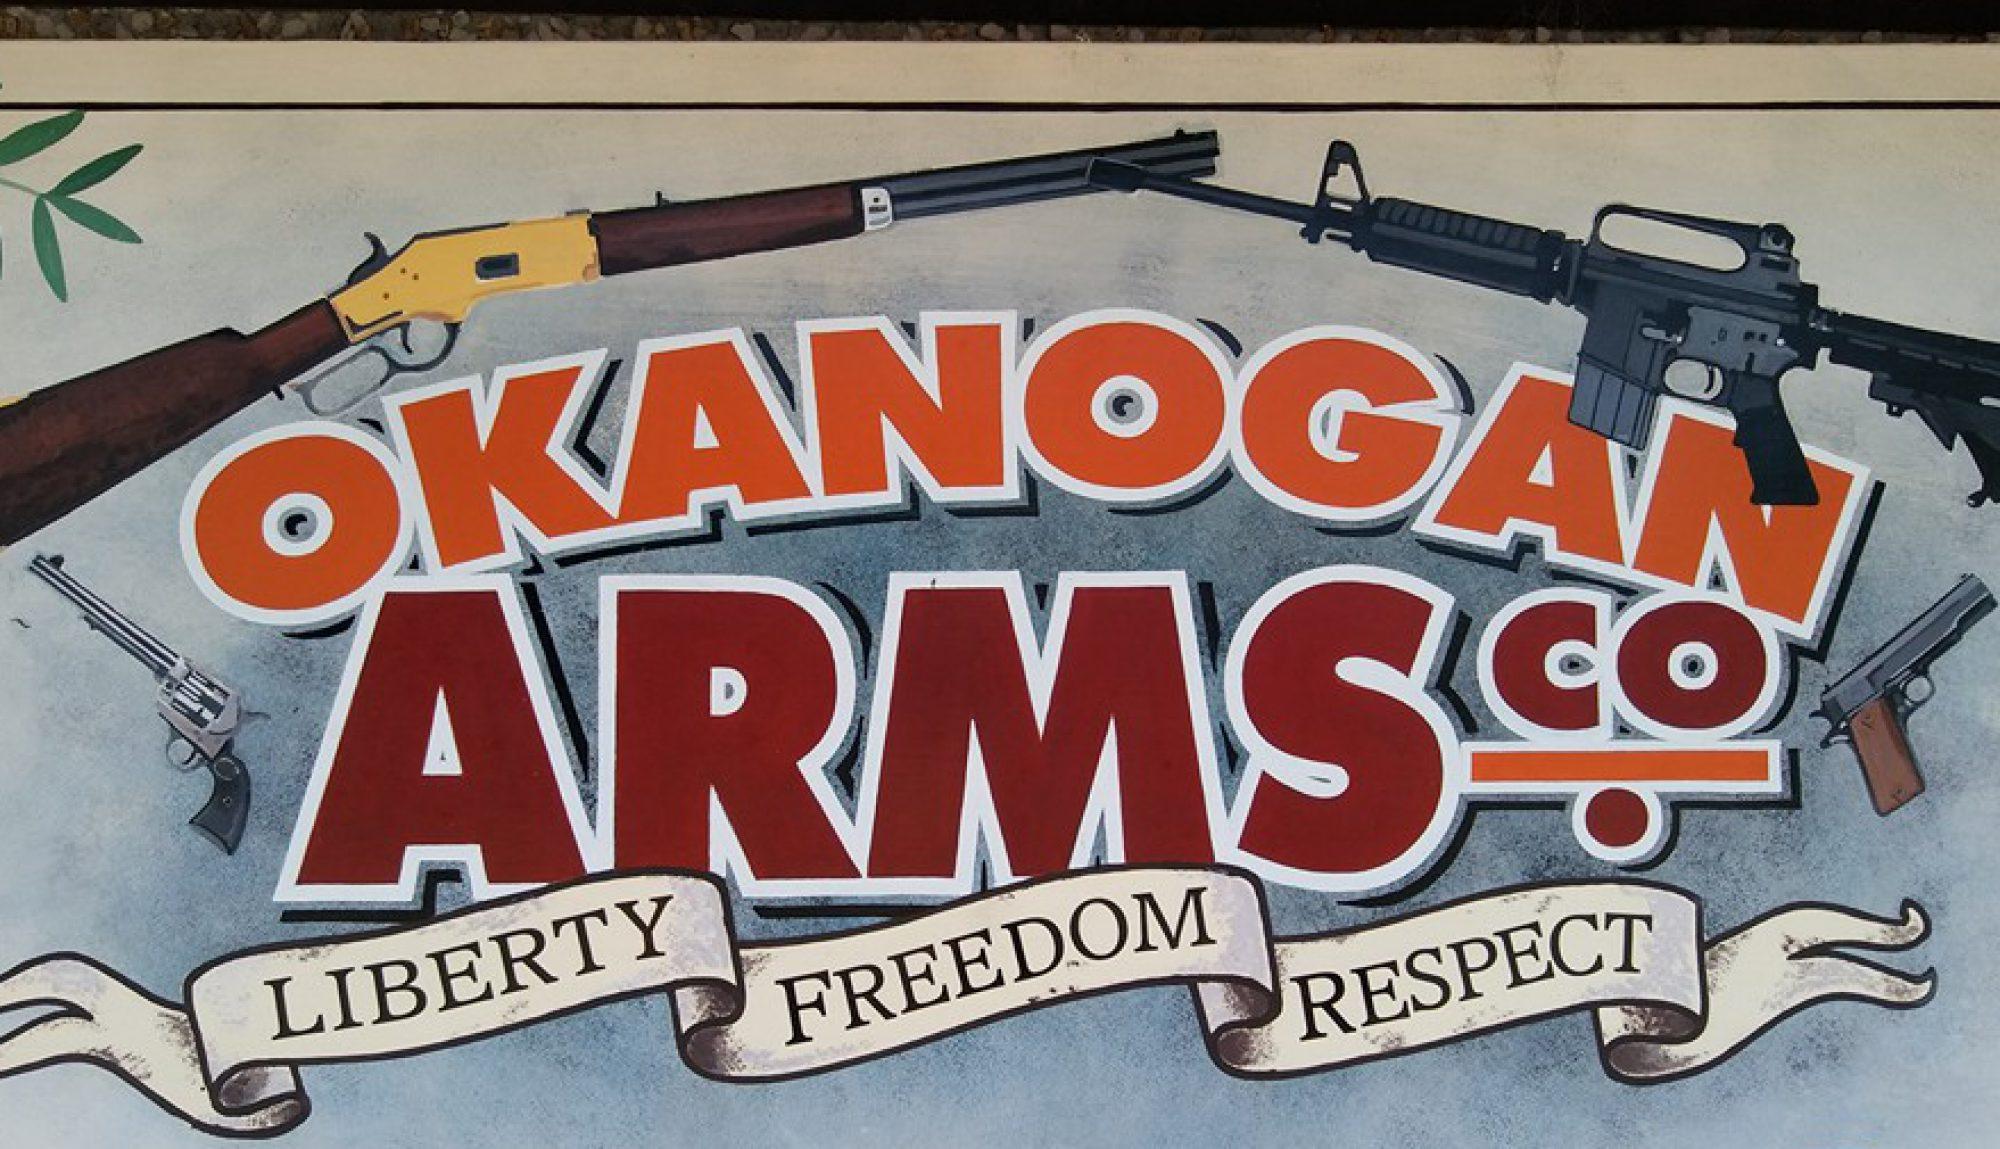 Okanogan Arms Co